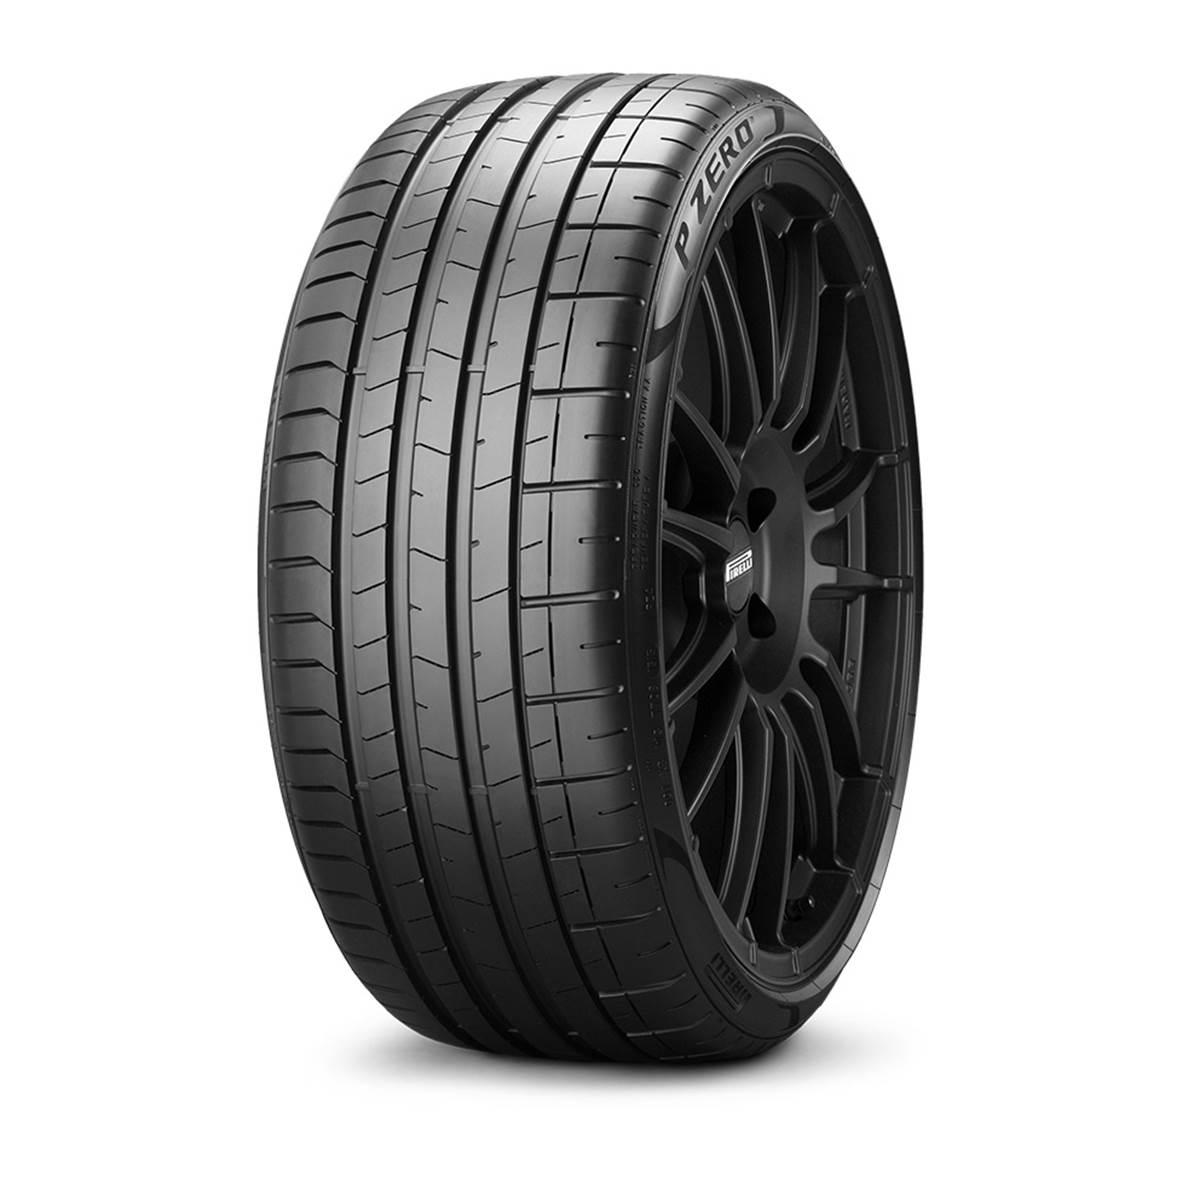 Pneu Pirelli 235/35R20 92Y Pzero XL